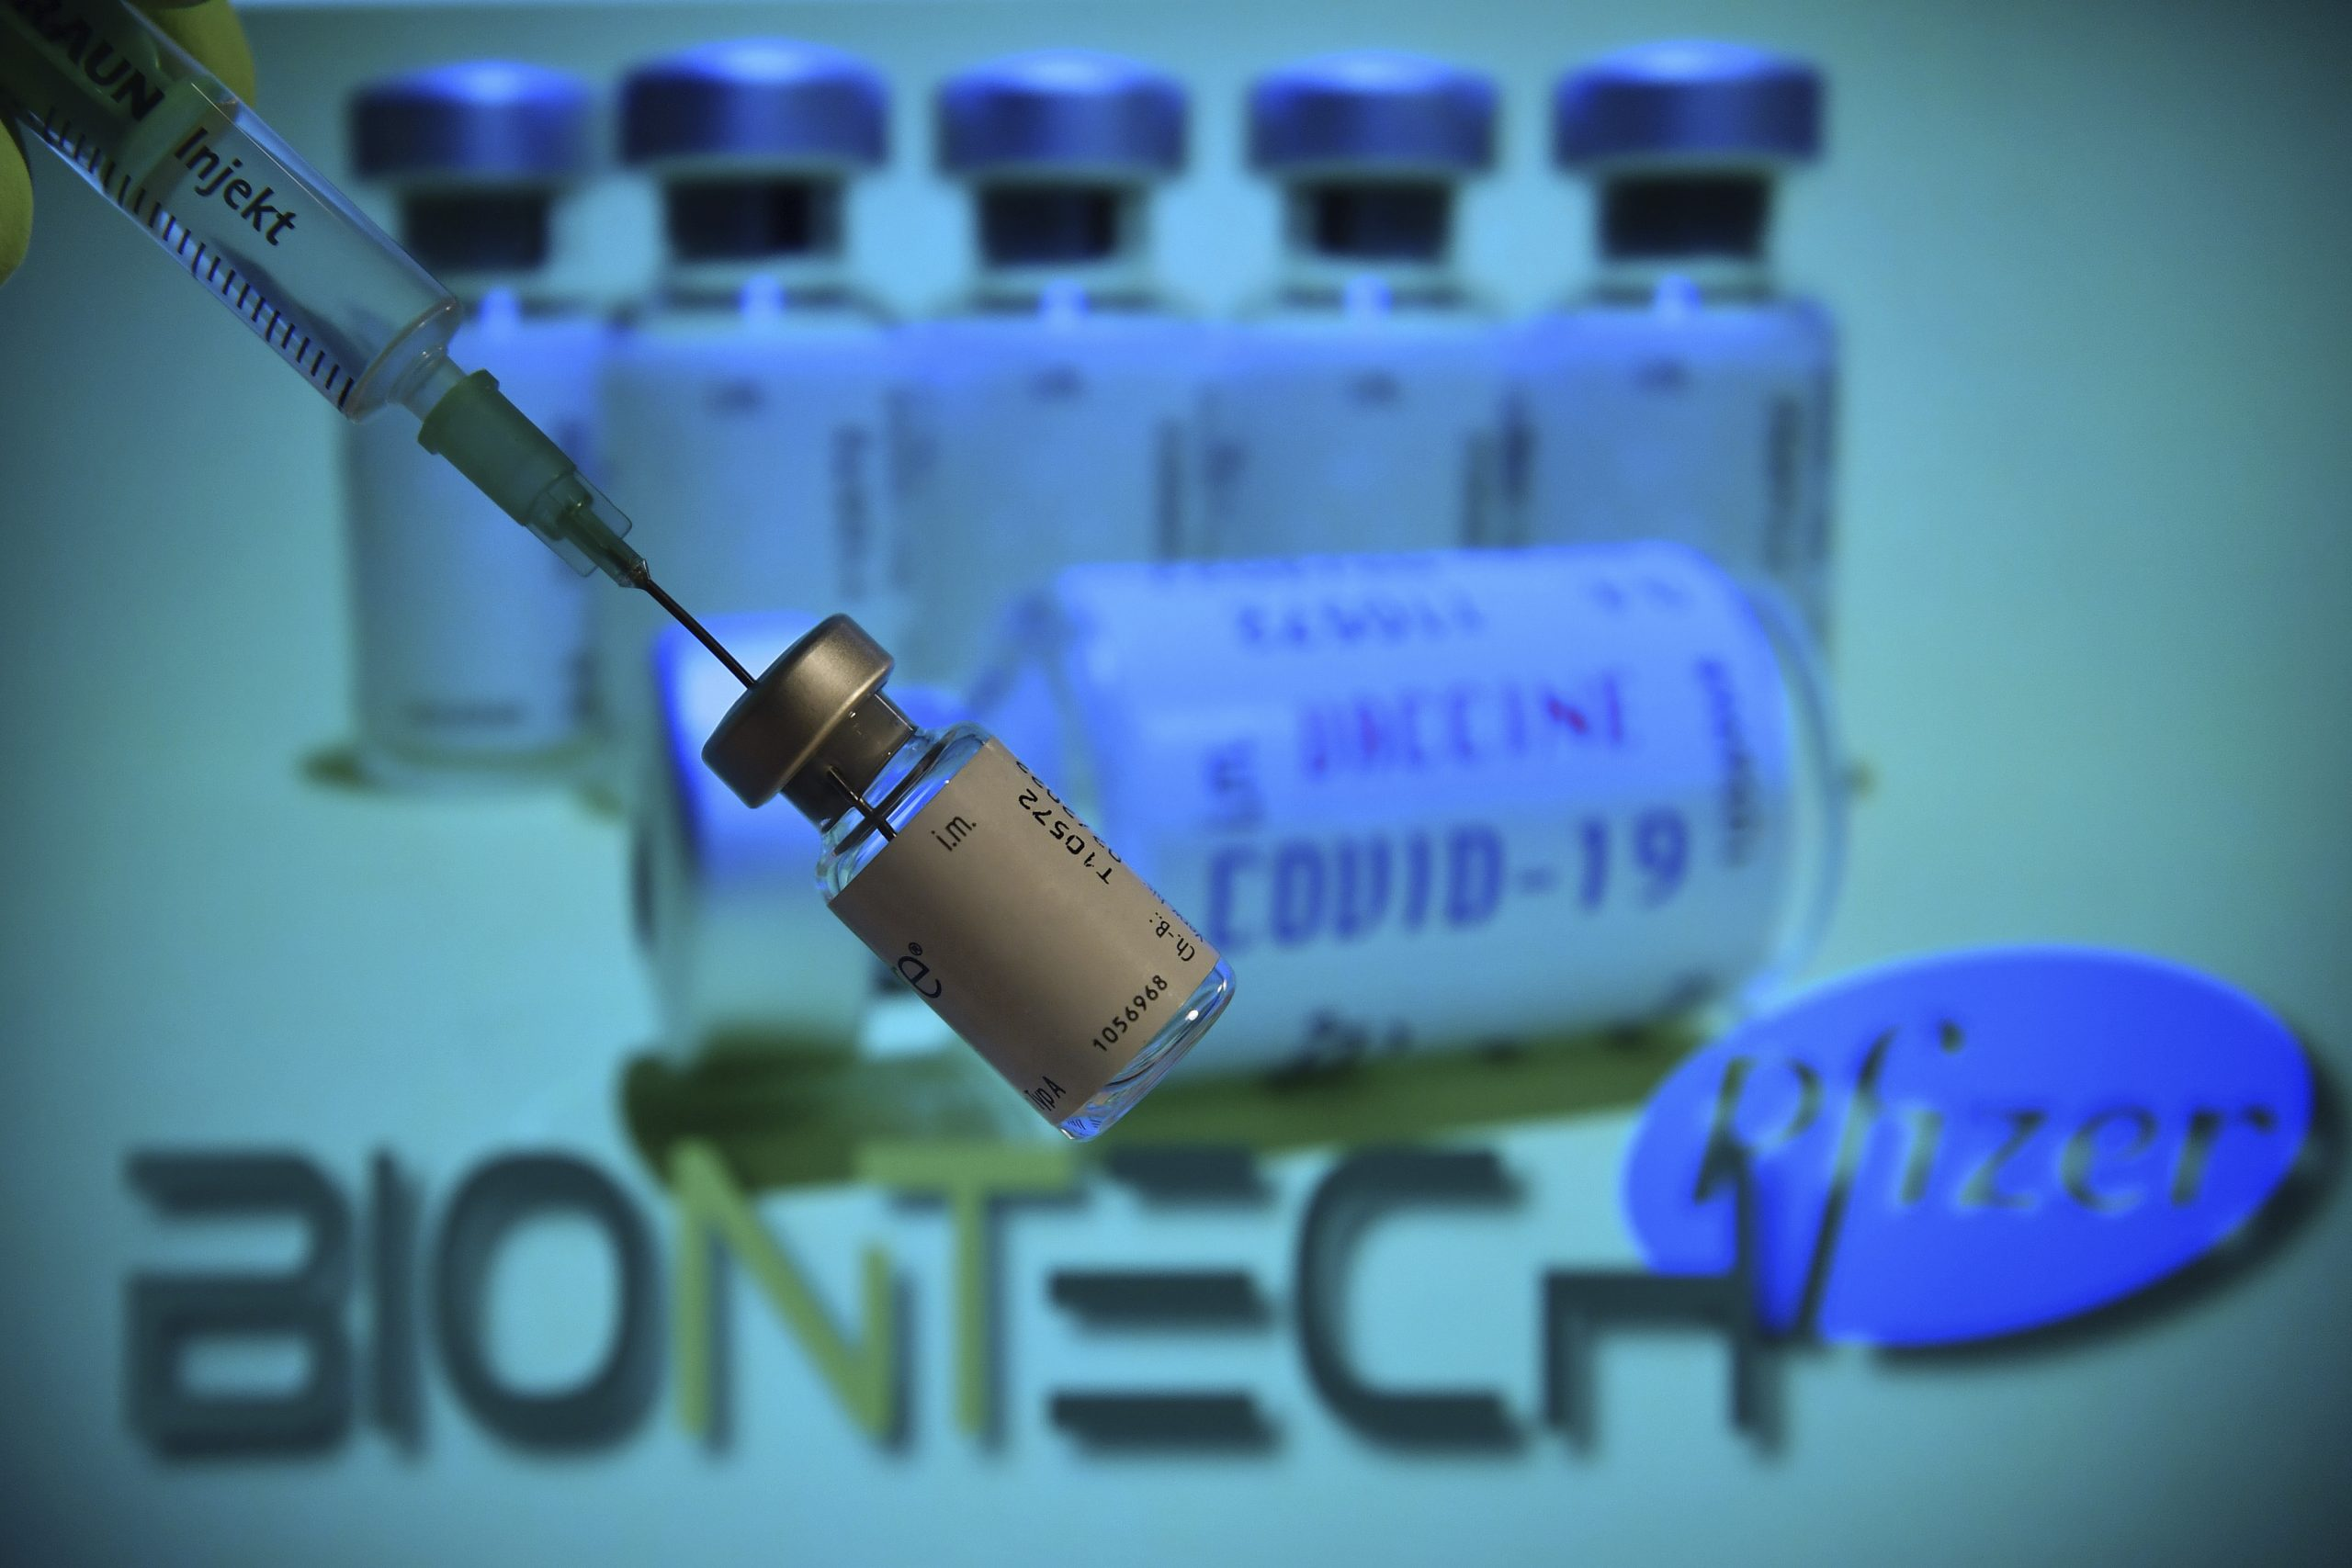 欧州医薬品庁にサイバー攻撃、ワクチン文書に不正アクセス